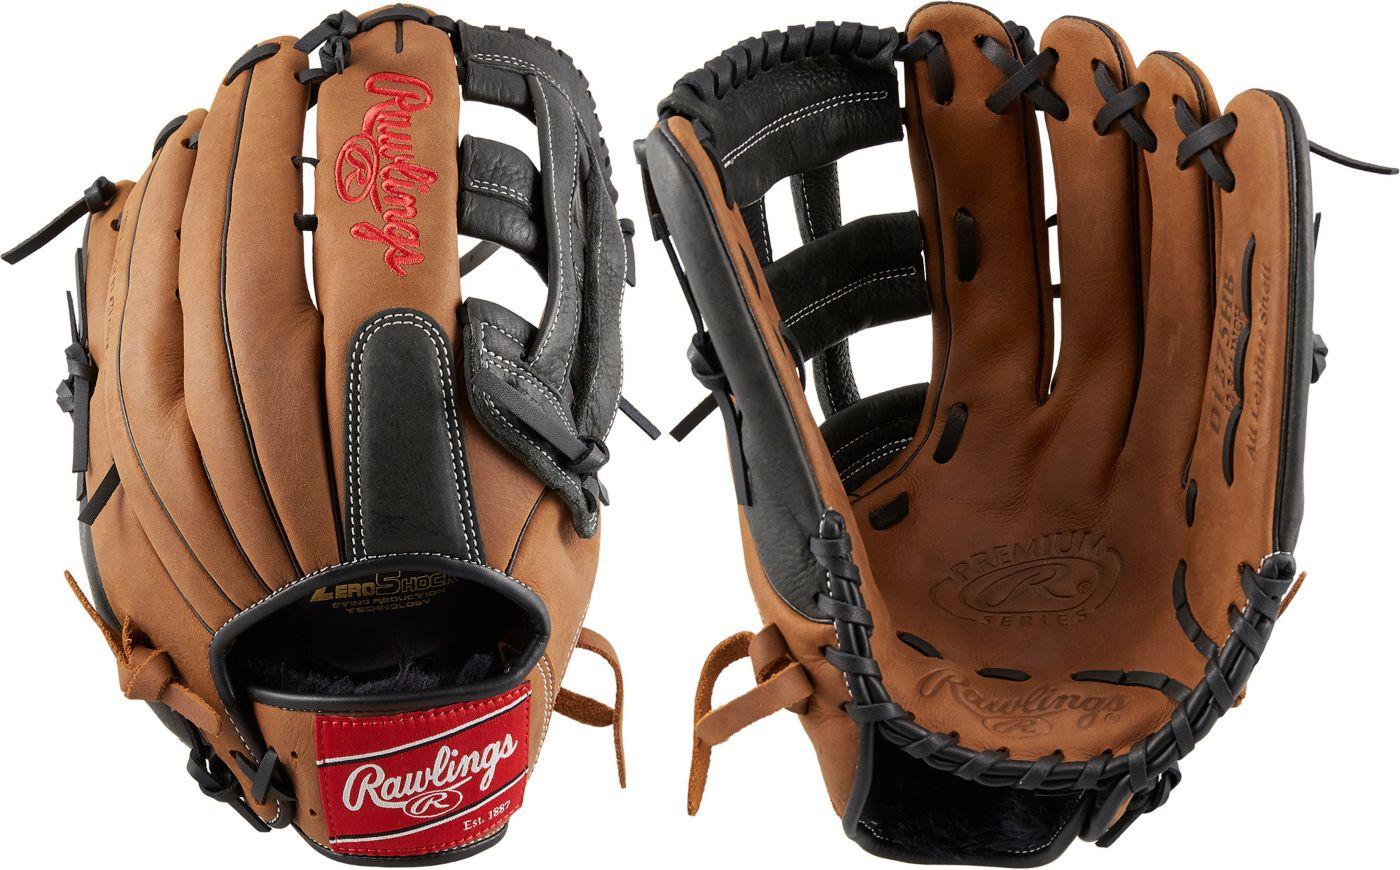 Rawlings 12.75'' Premium Series Glove